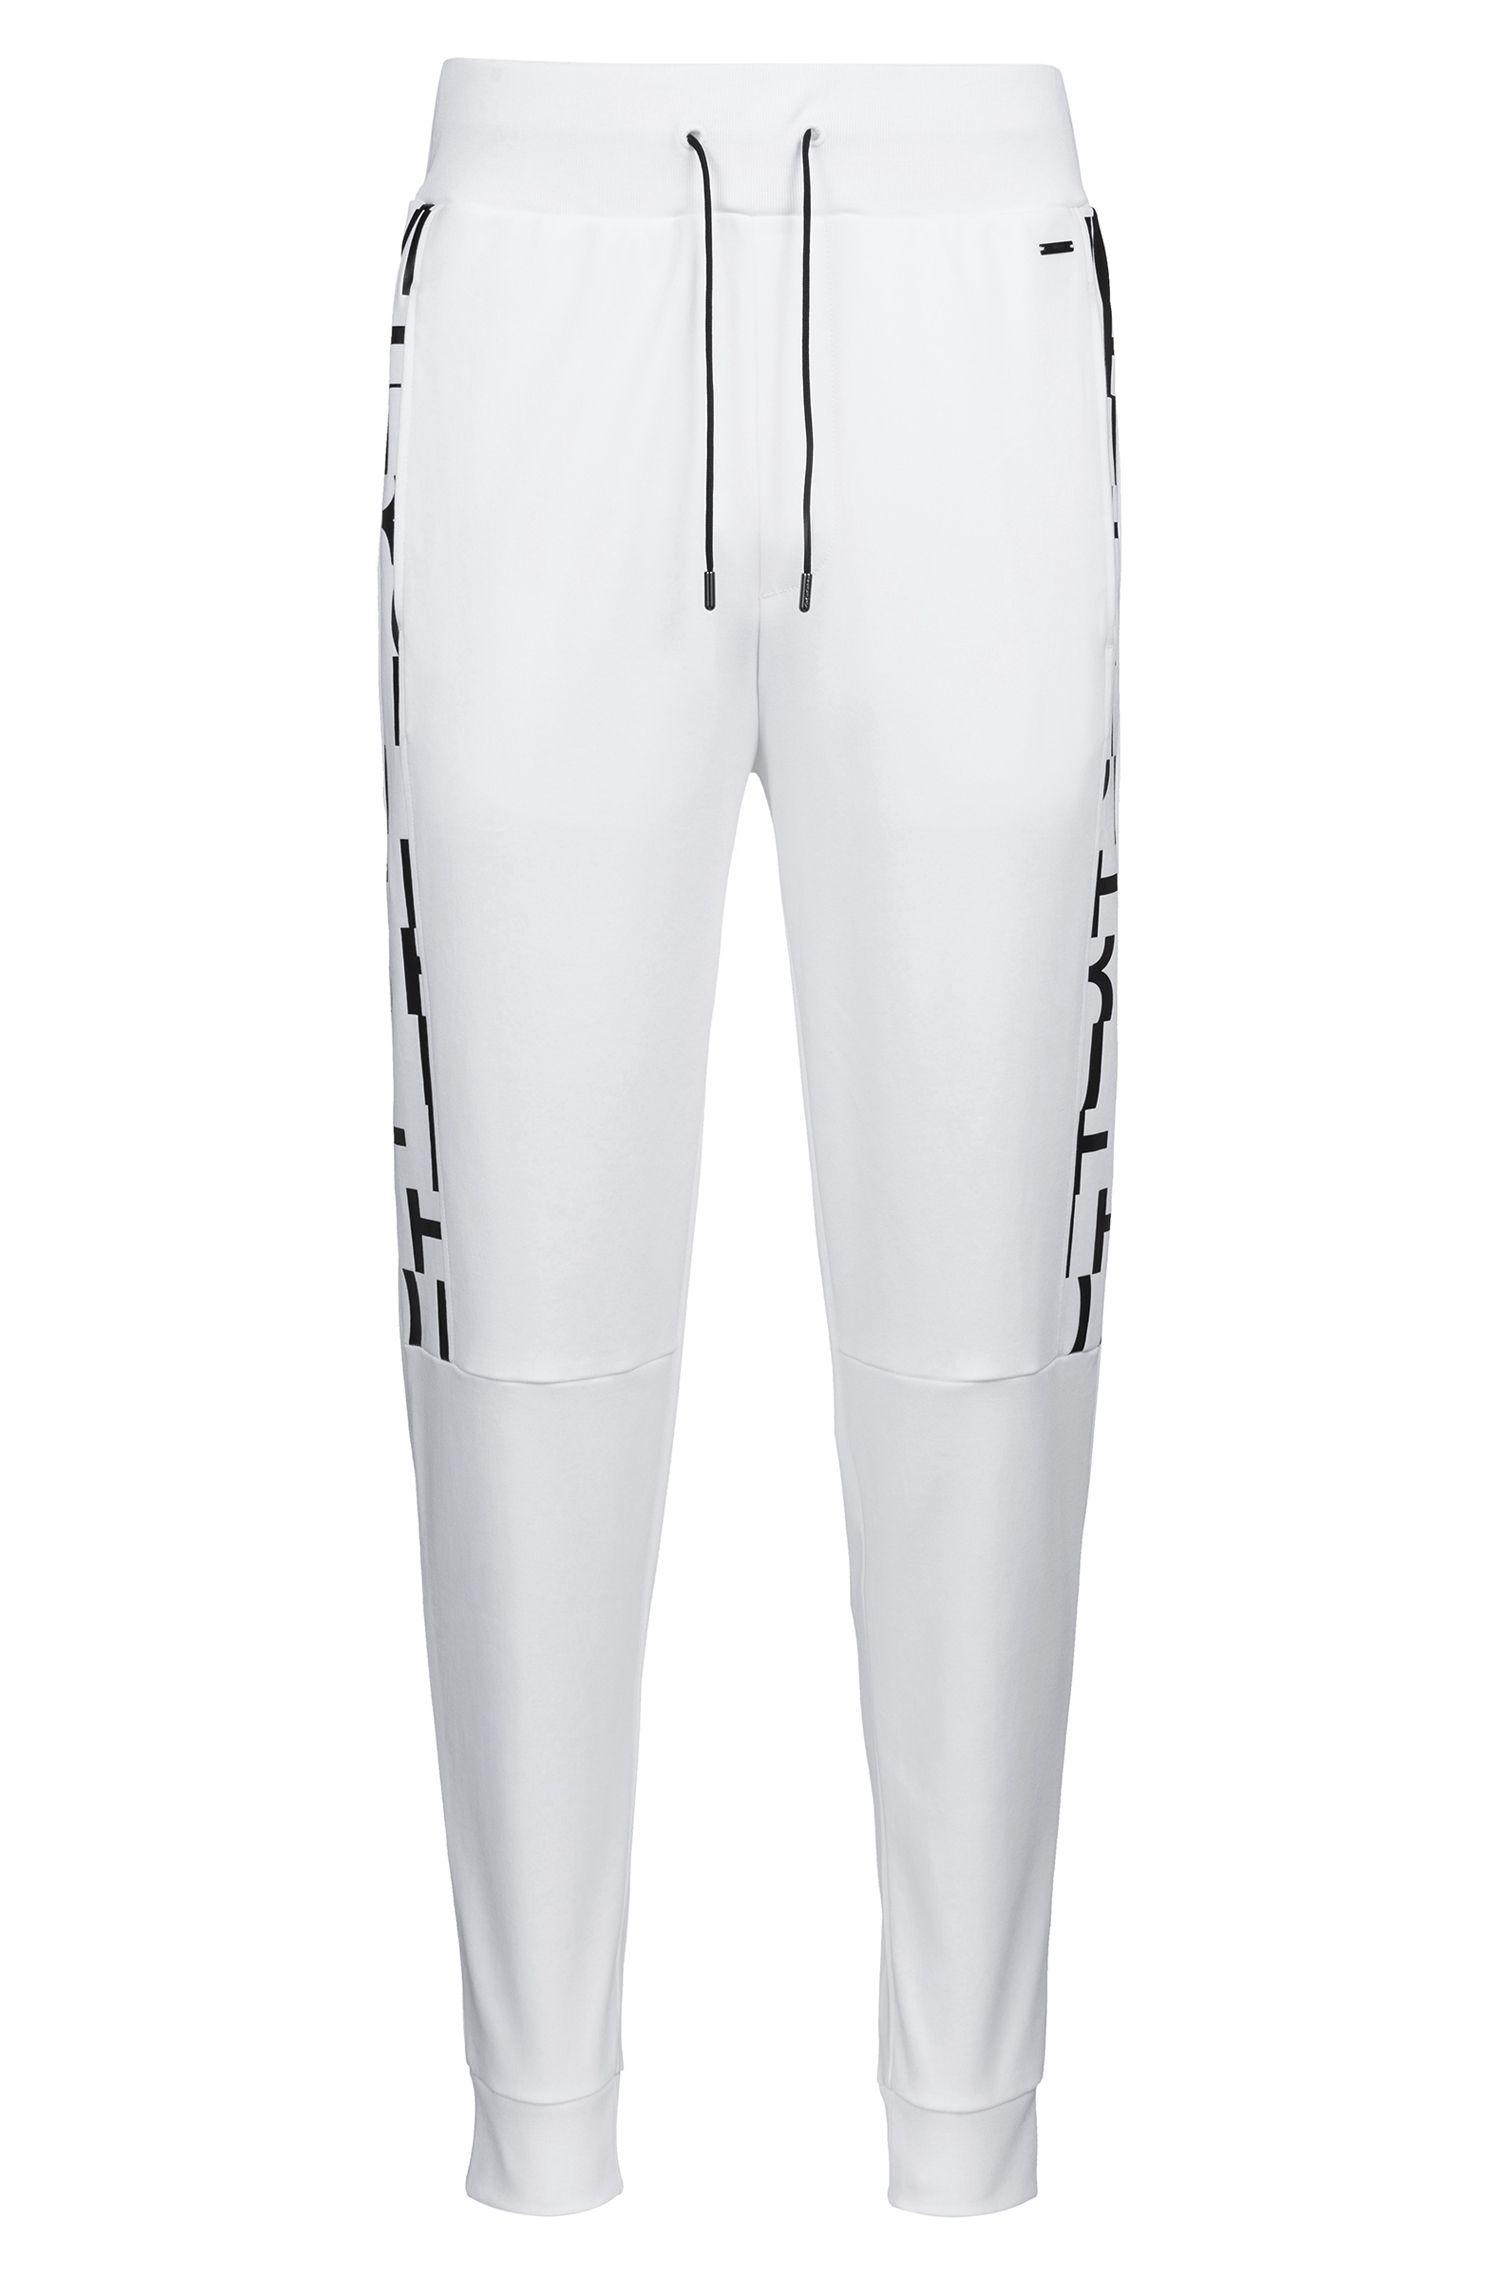 Hugo Boss - Pantalon Regular Fit en coton resserré au bas des jambes, avec empiècements imprimés - 1